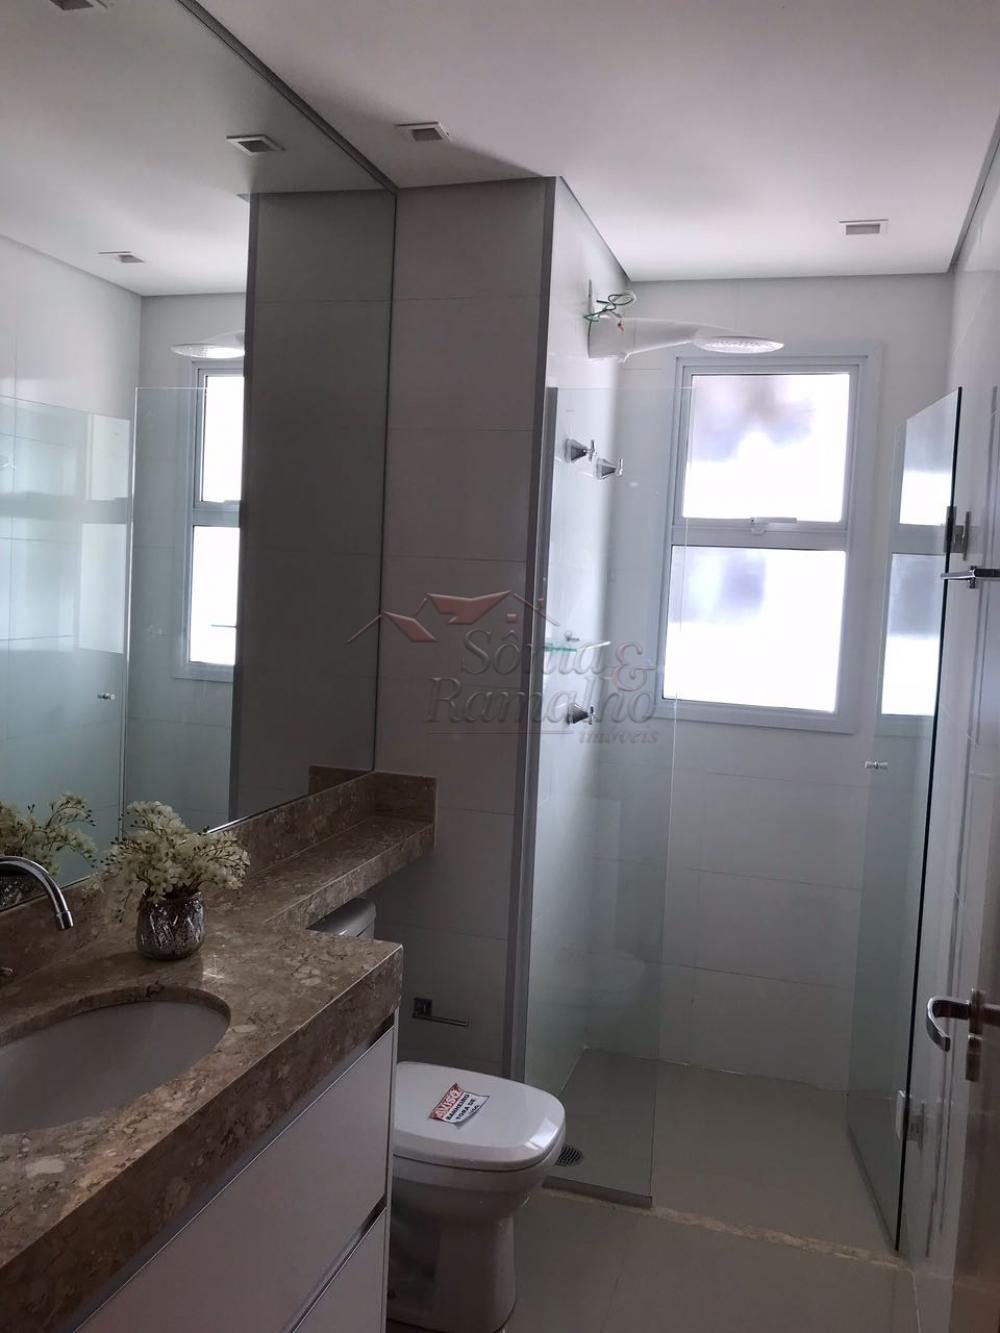 Comprar Apartamentos / Padrão em Ribeirão Preto apenas R$ 650.000,00 - Foto 14